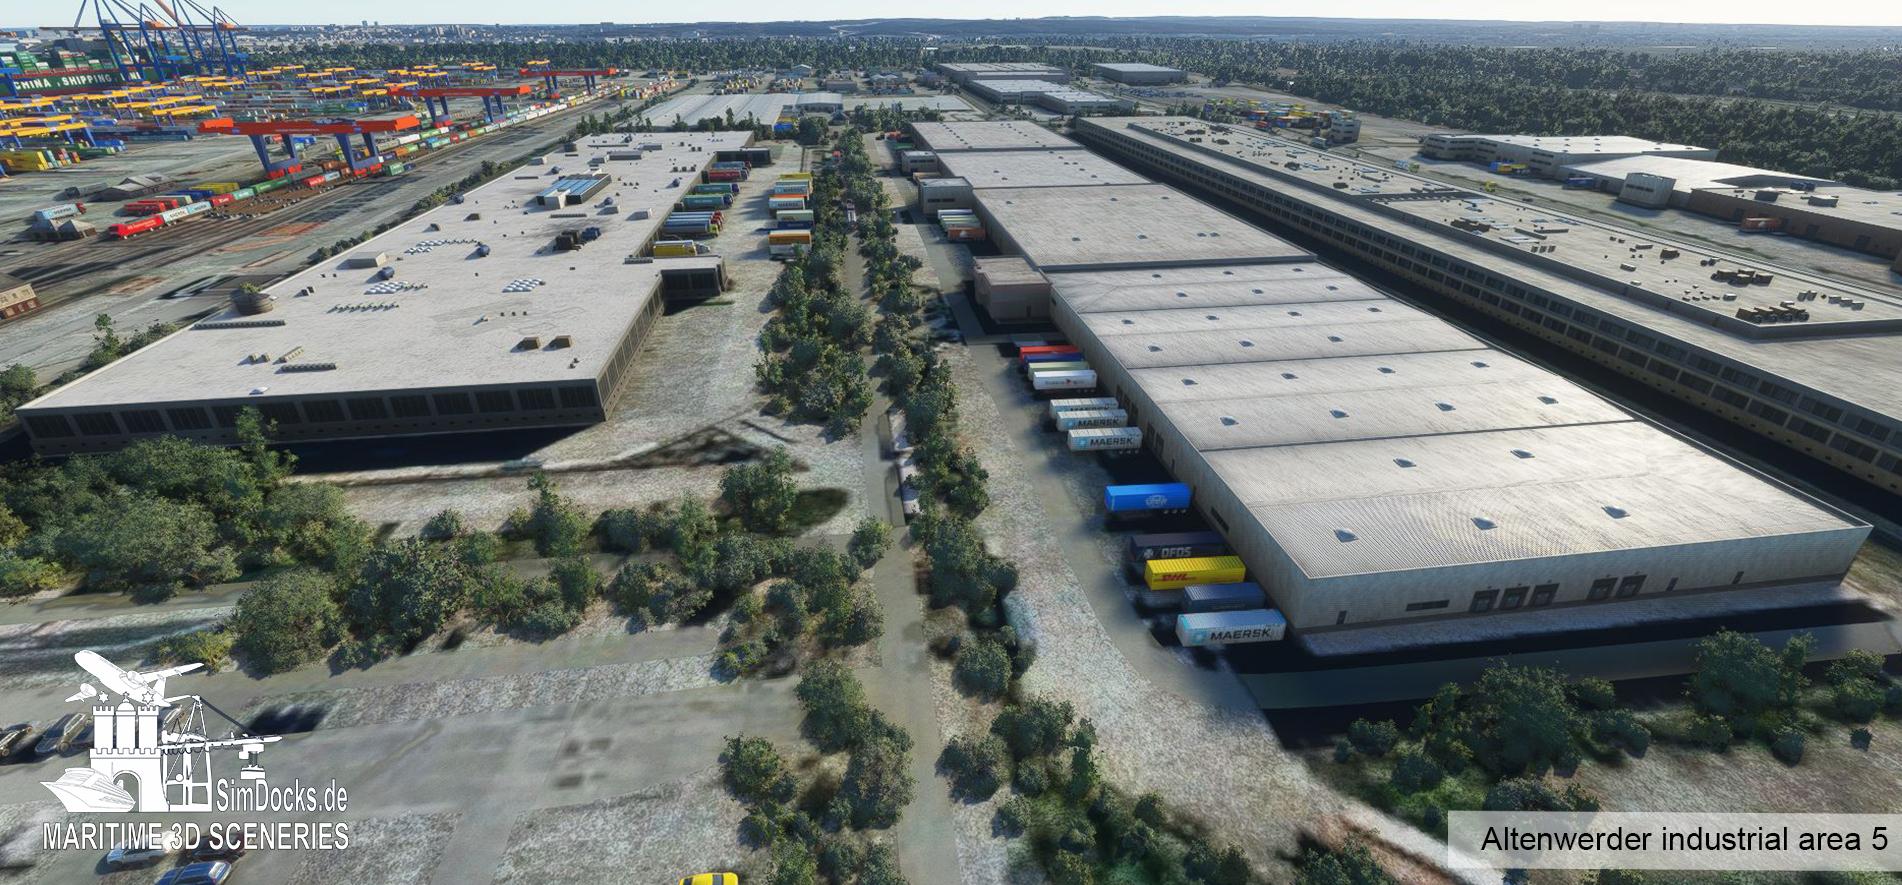 Bild33_Terminal_Altenwerder_Industrie5_Tag.JPG